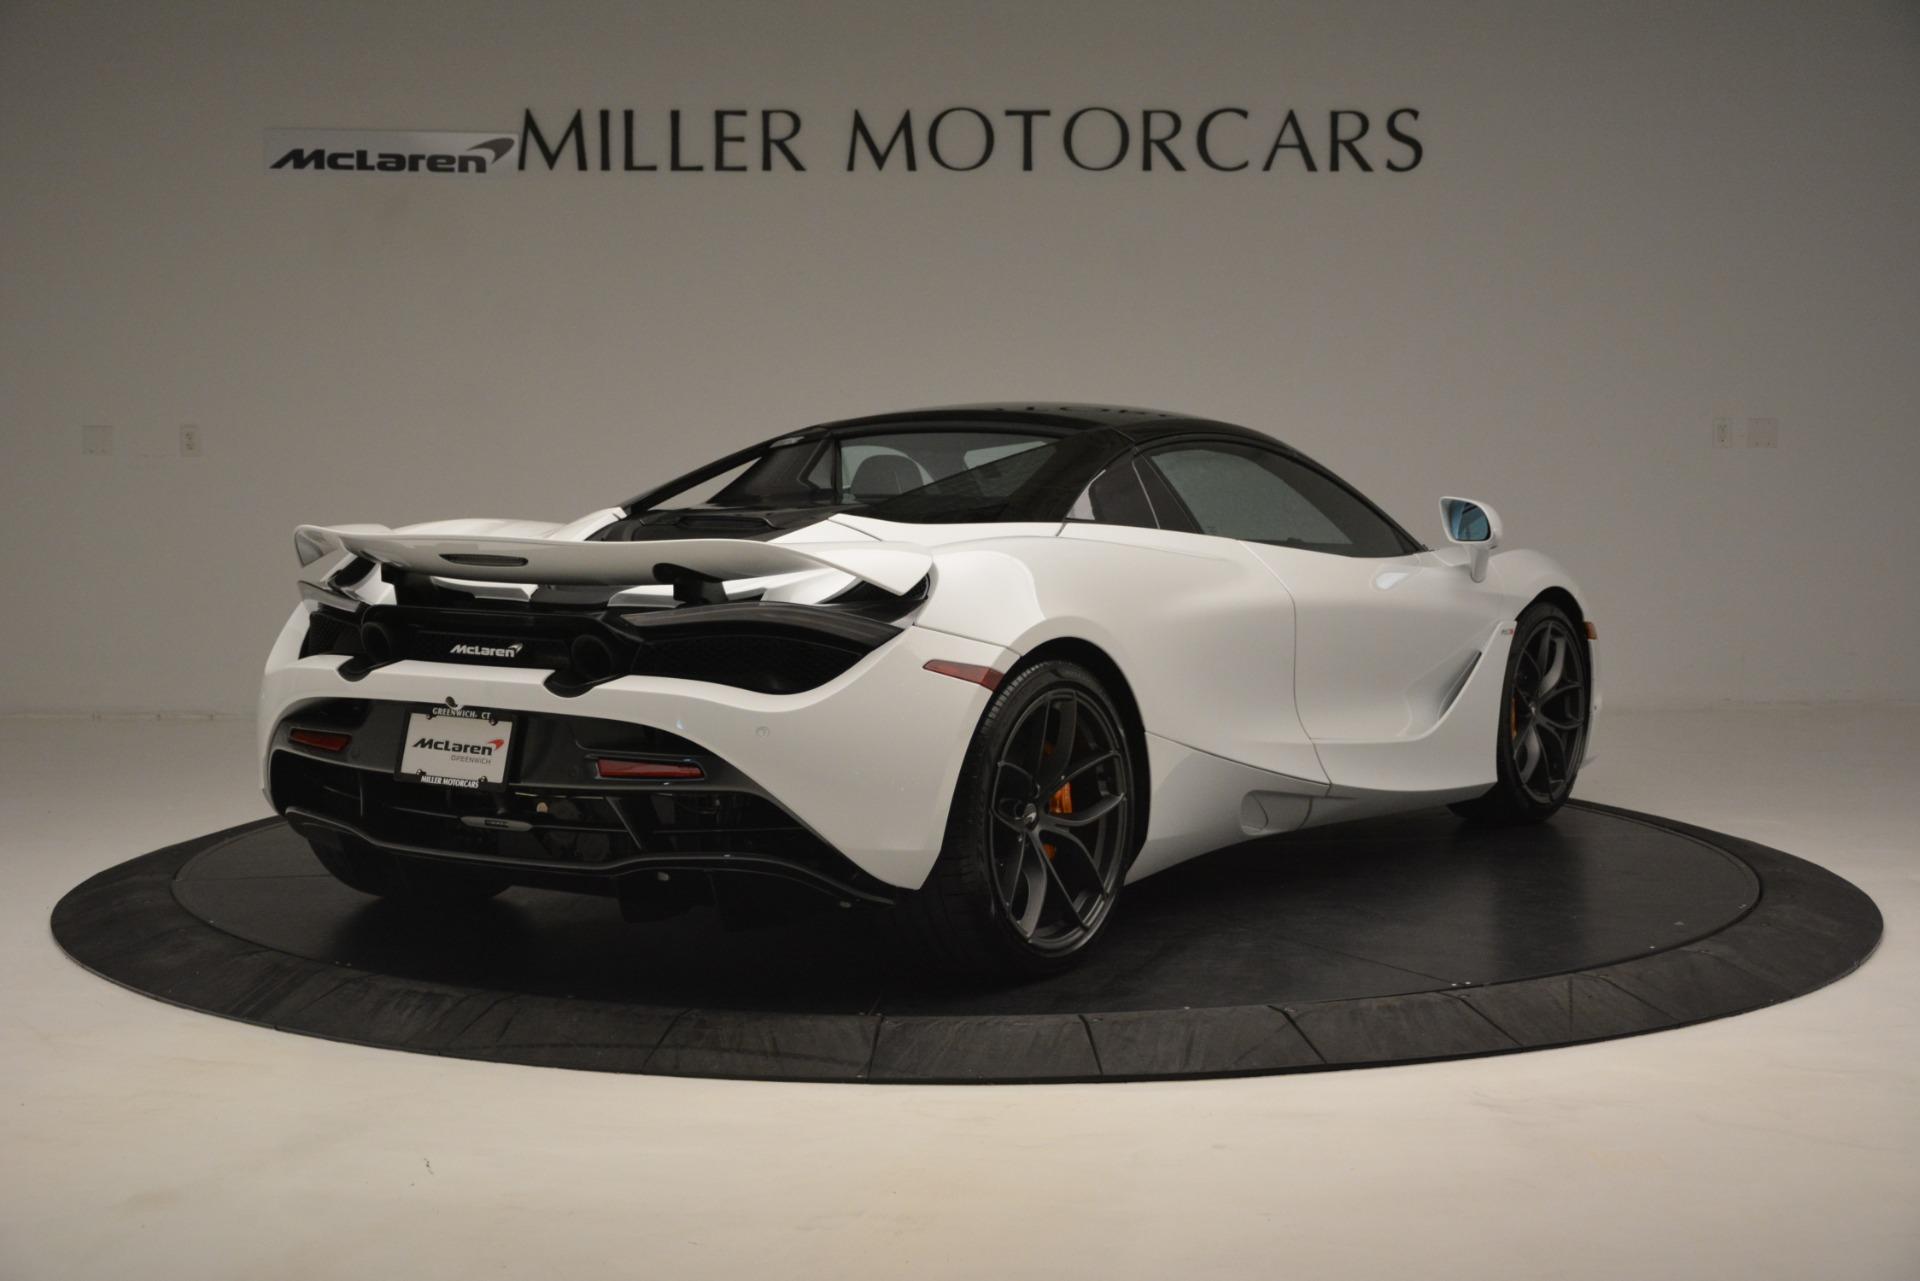 New 2020 McLaren 720S Spider Convertible For Sale In Westport, CT 3229_p6